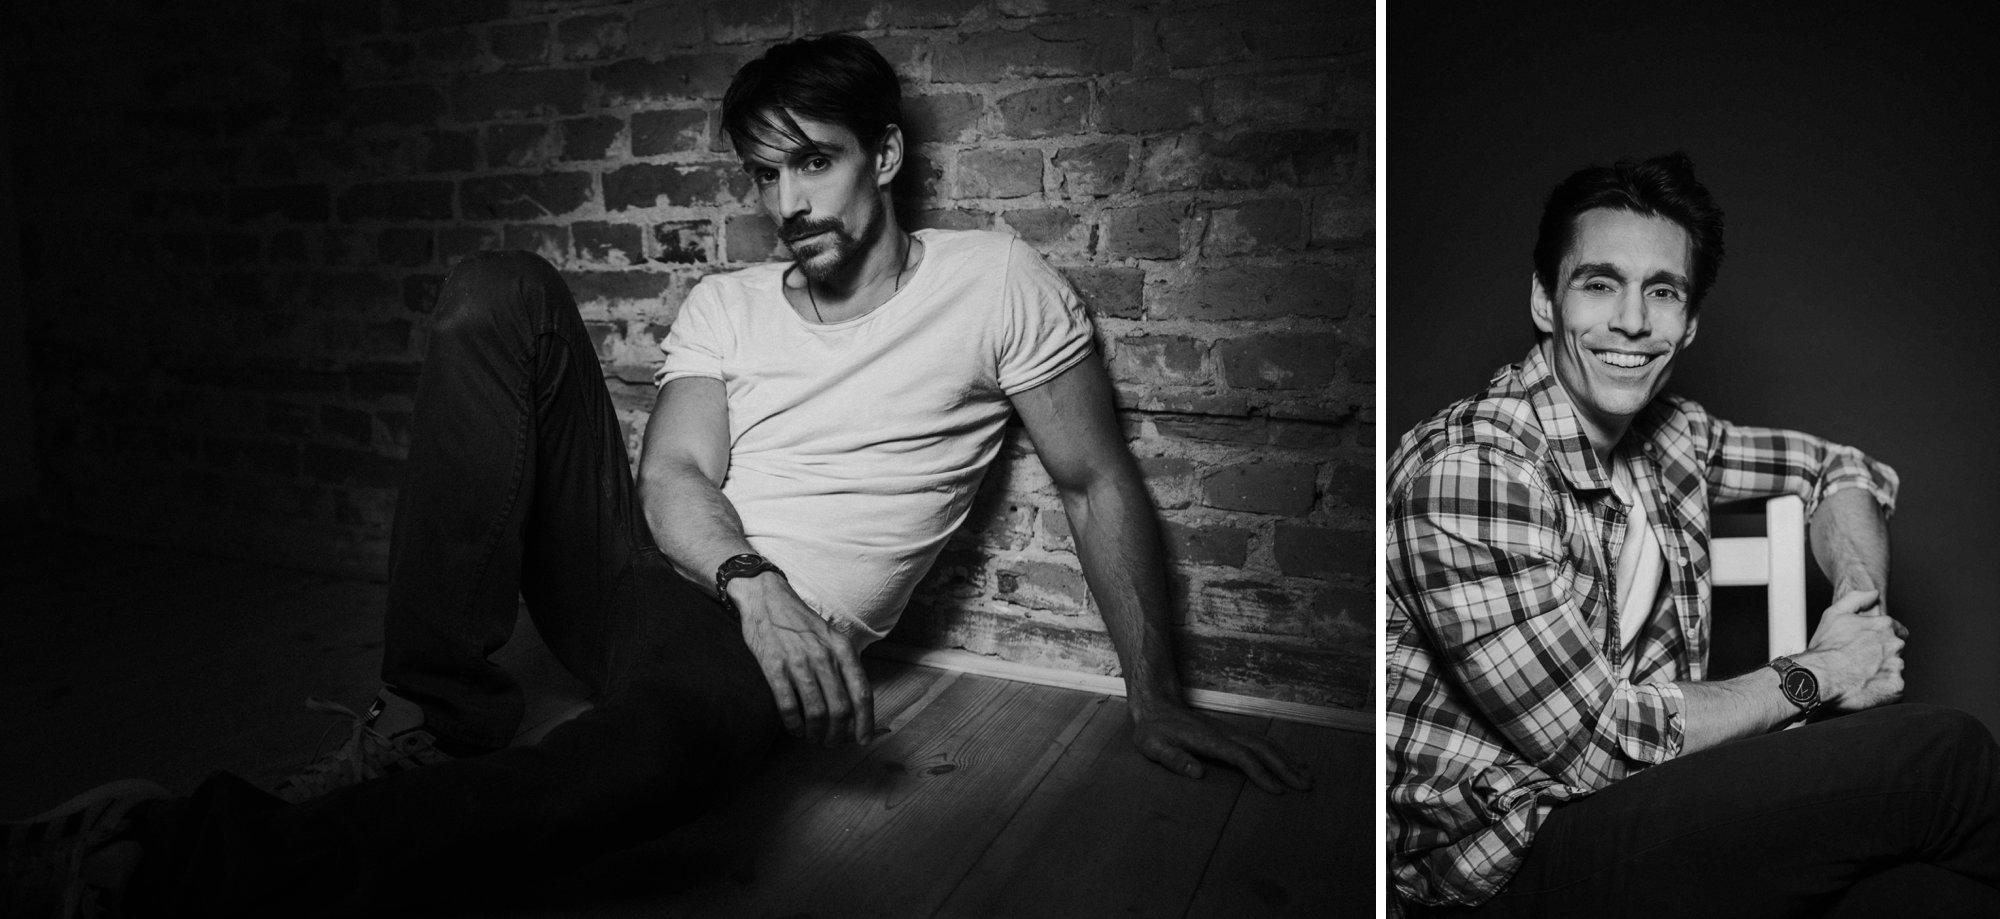 GZSZ Schauspieler für neue Fotos im Studio in Berlin